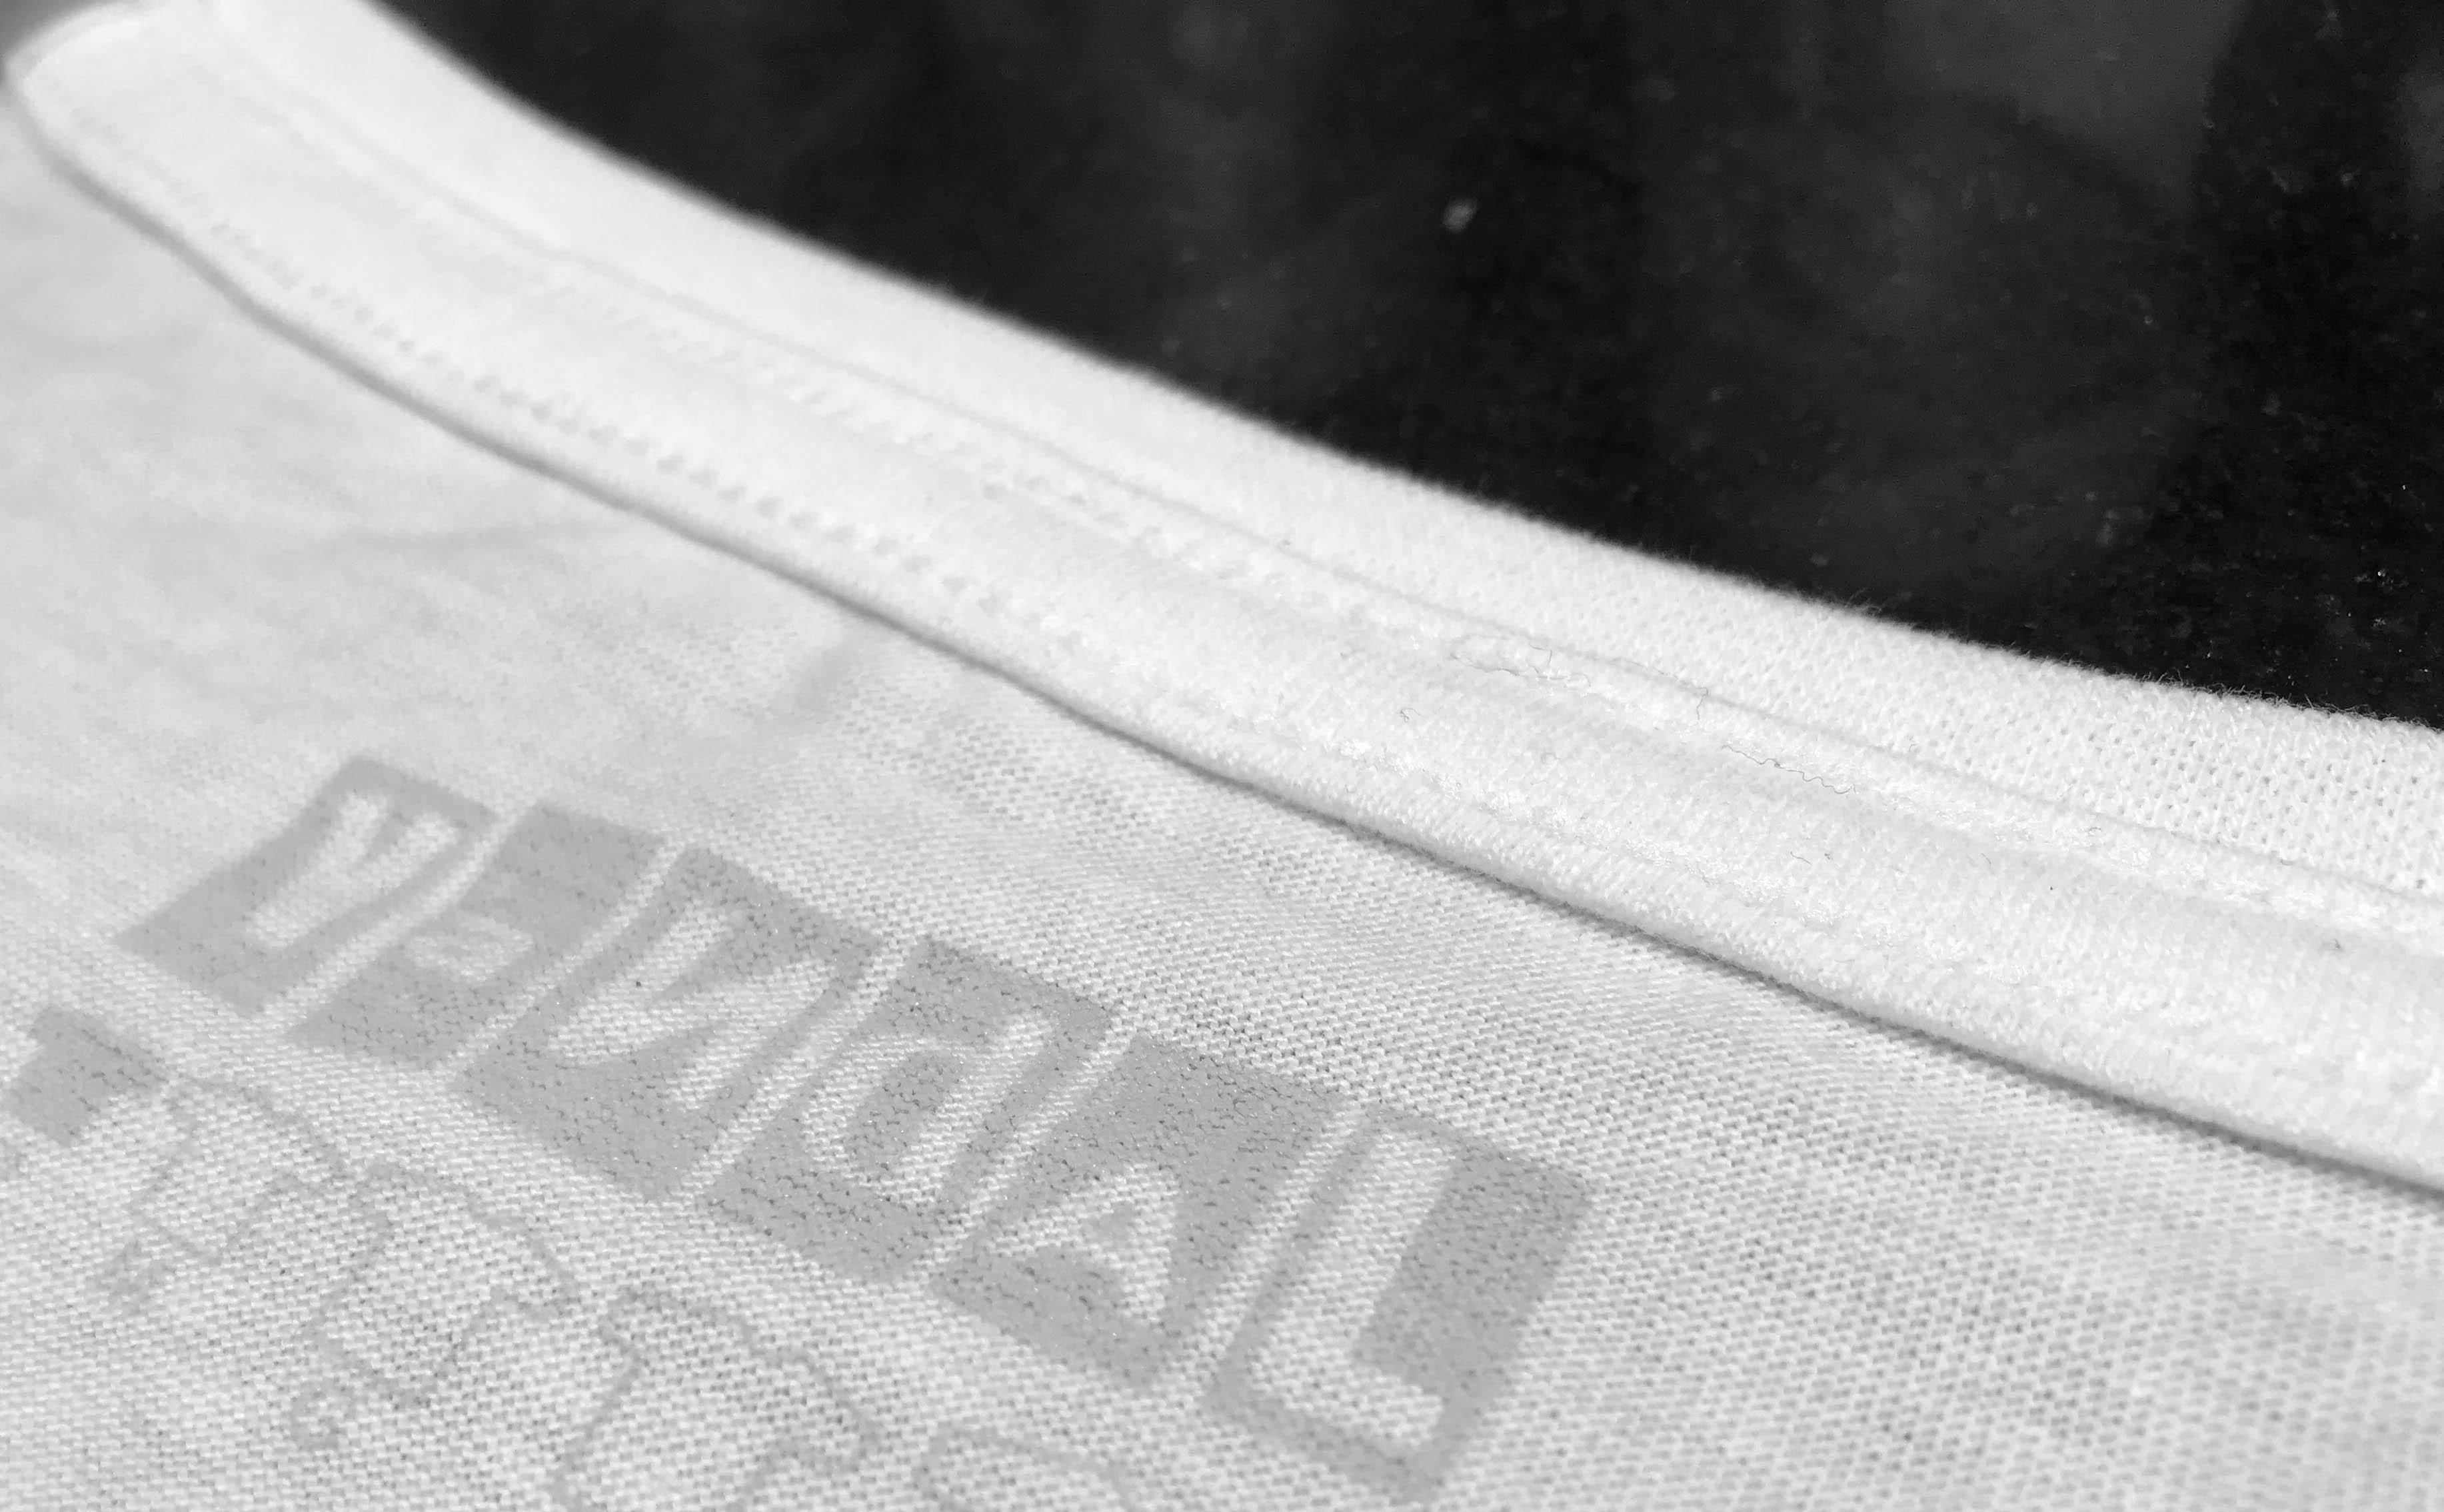 Zoom mostrando a qualidade da costura na gola de uma camiseta